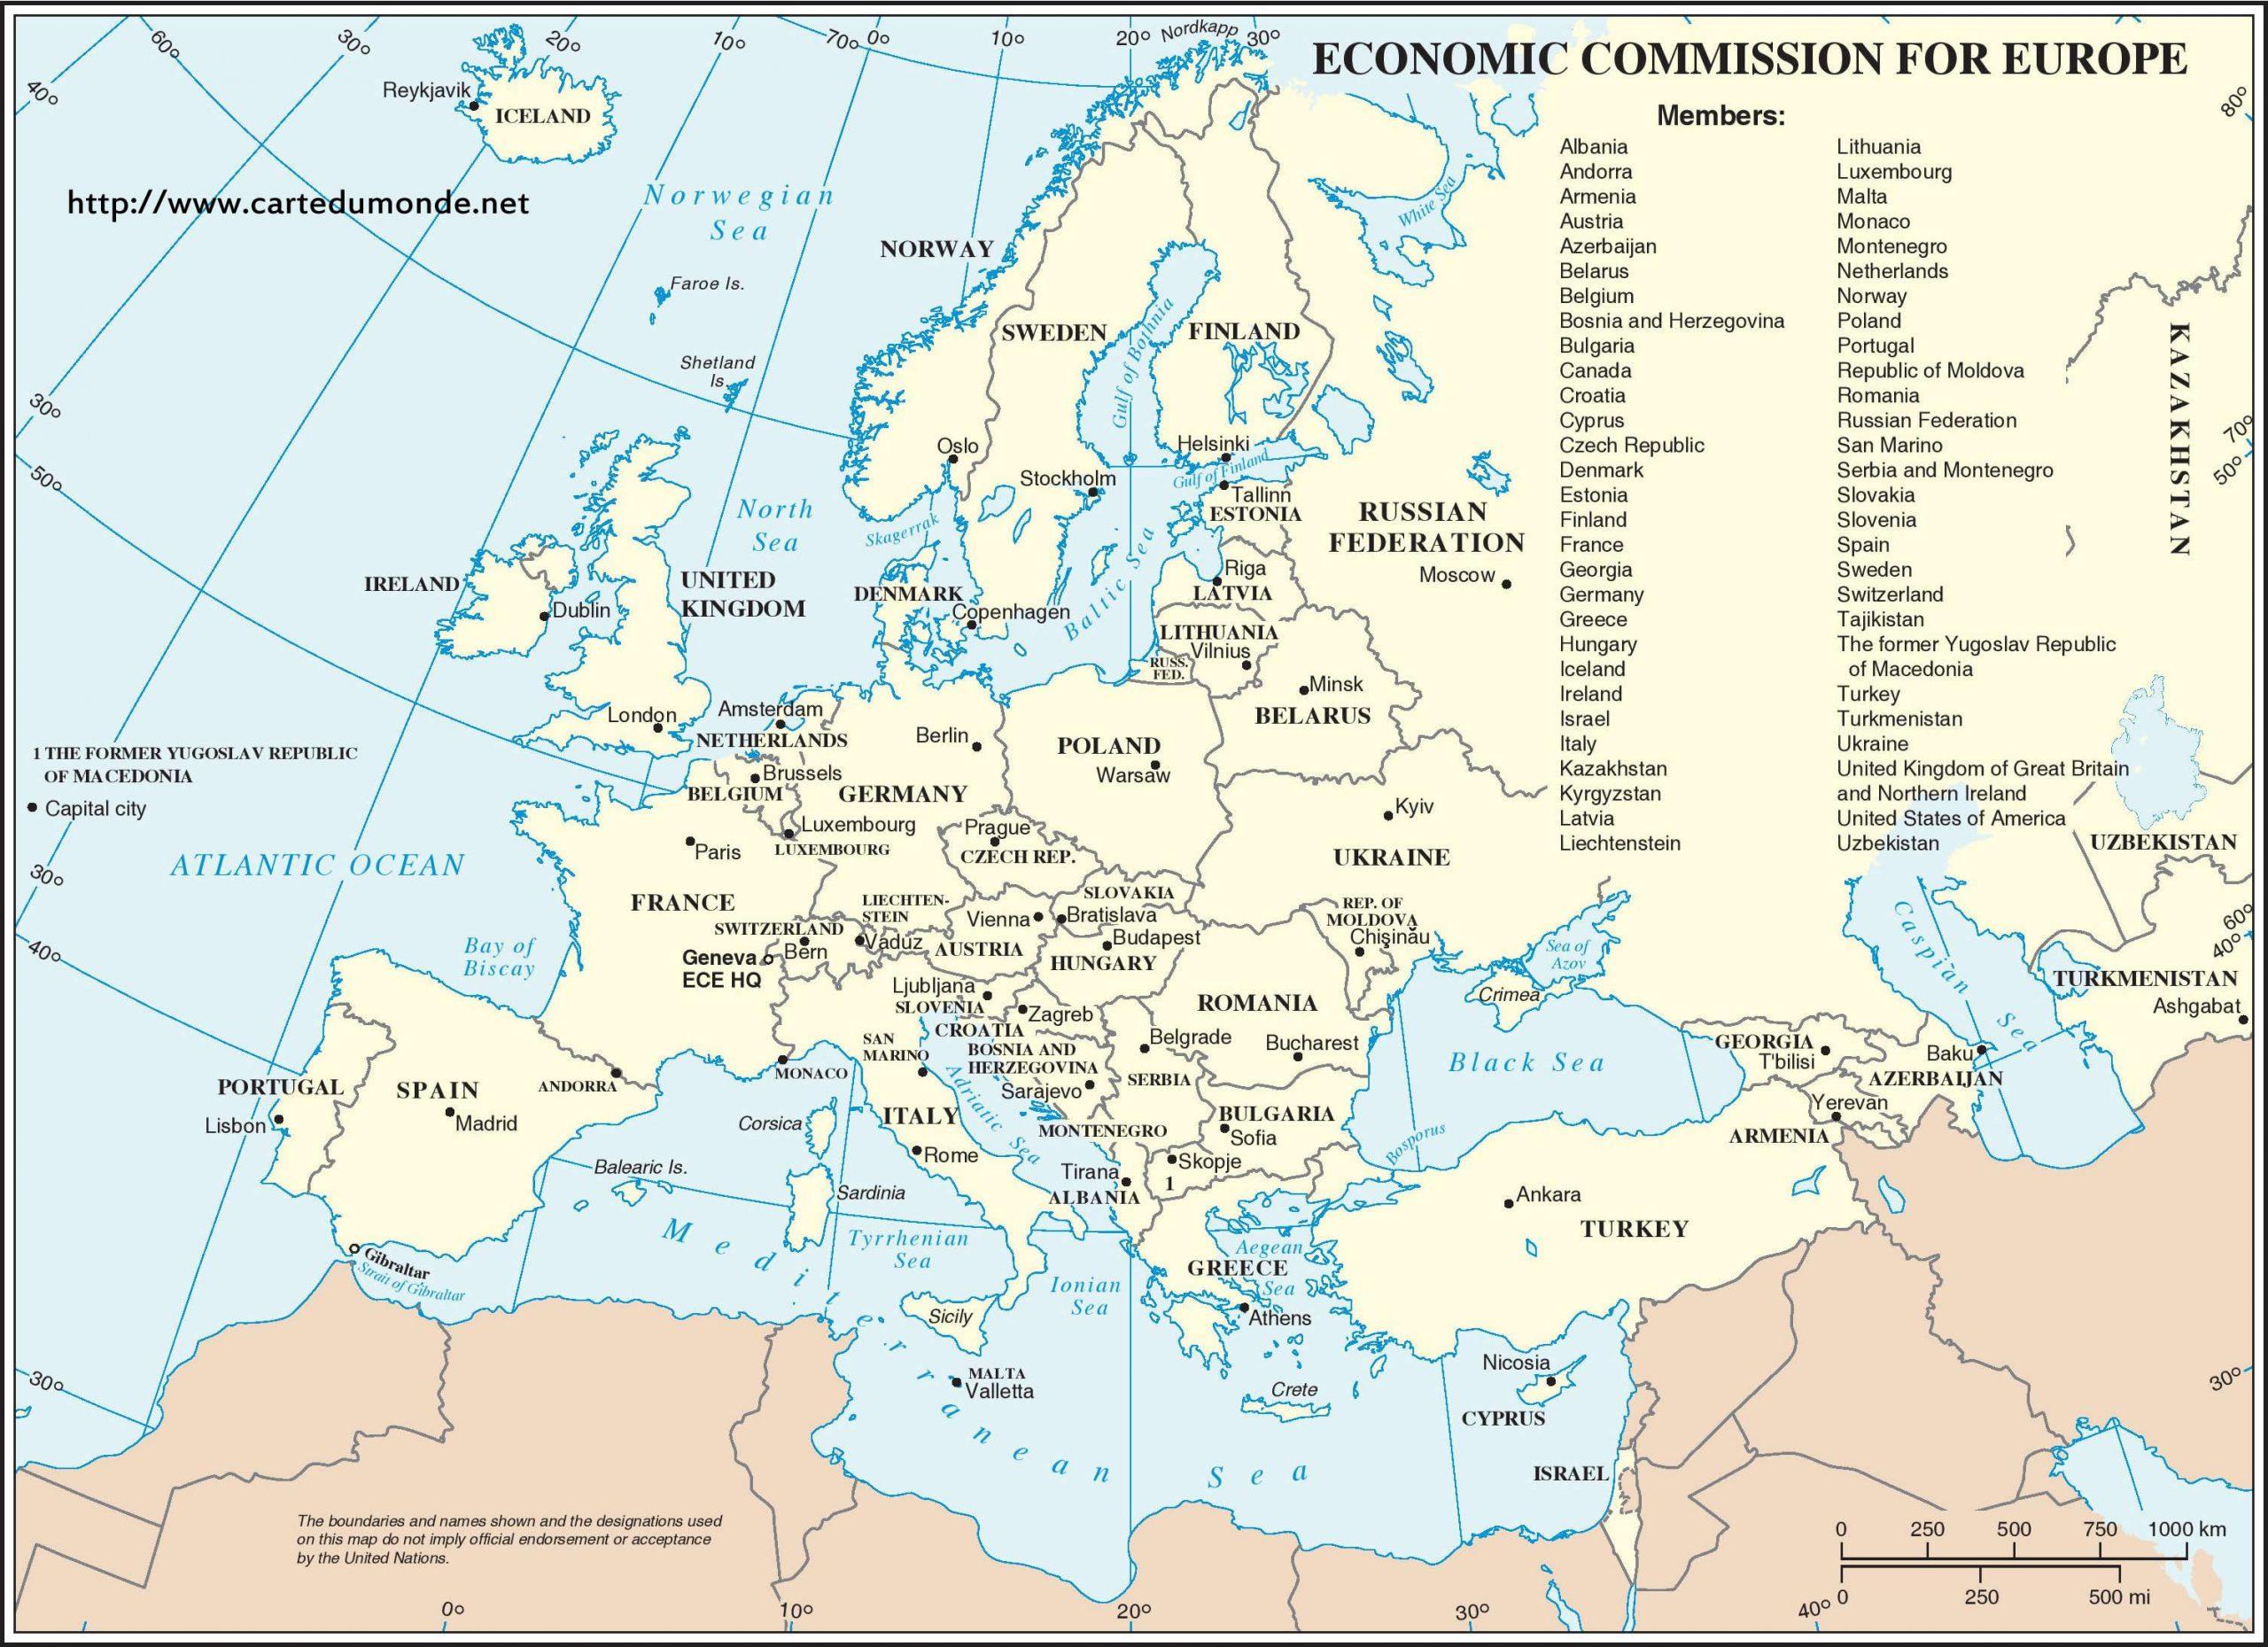 Economic Commission Of Europe, World Map tout Carte De L Europe Avec Pays